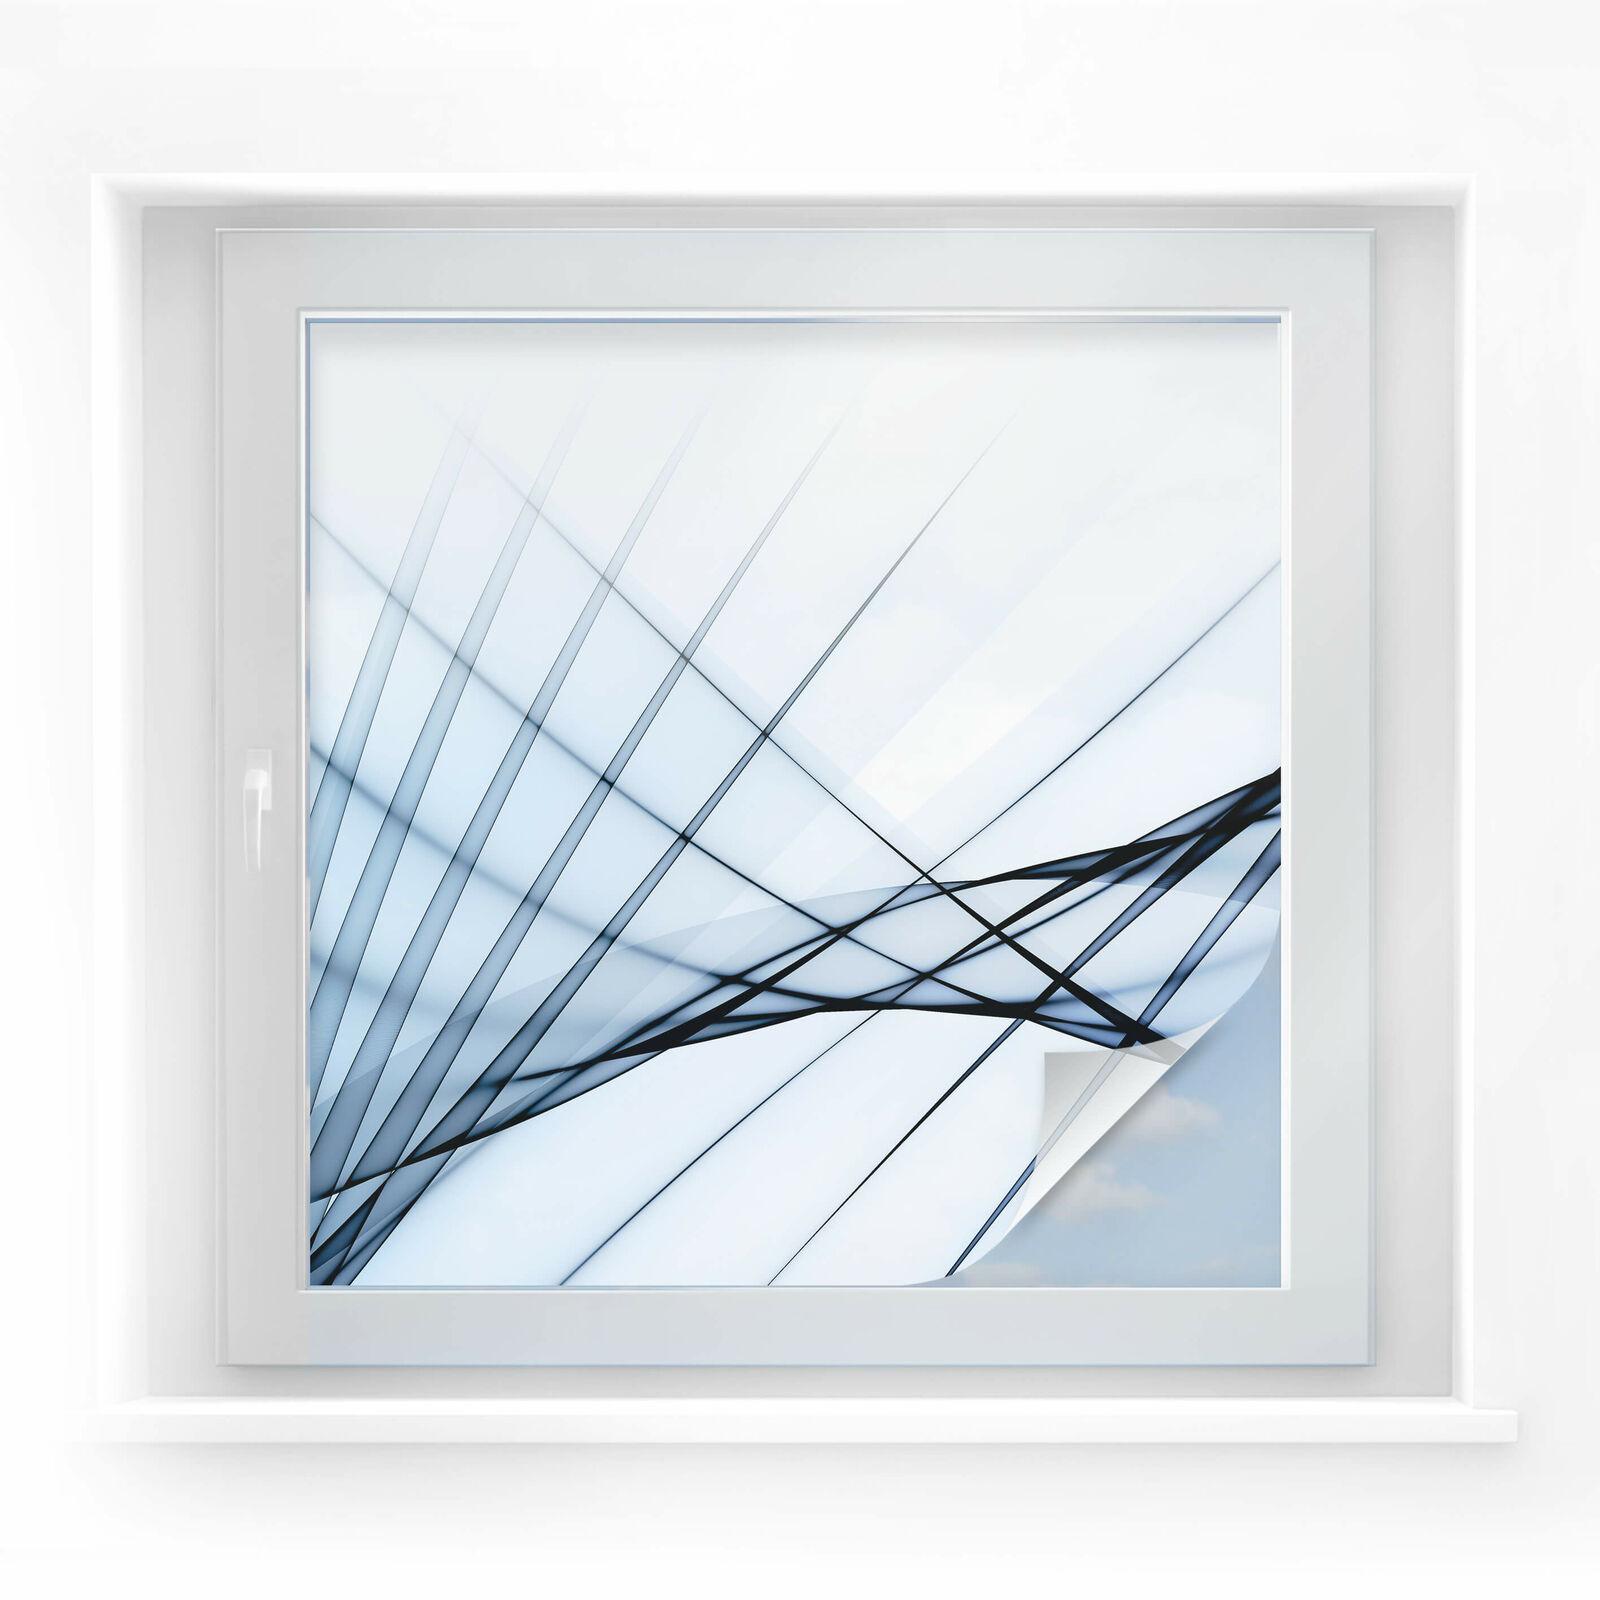 Sichtschutzfolie Illustration 01 - quadratisch